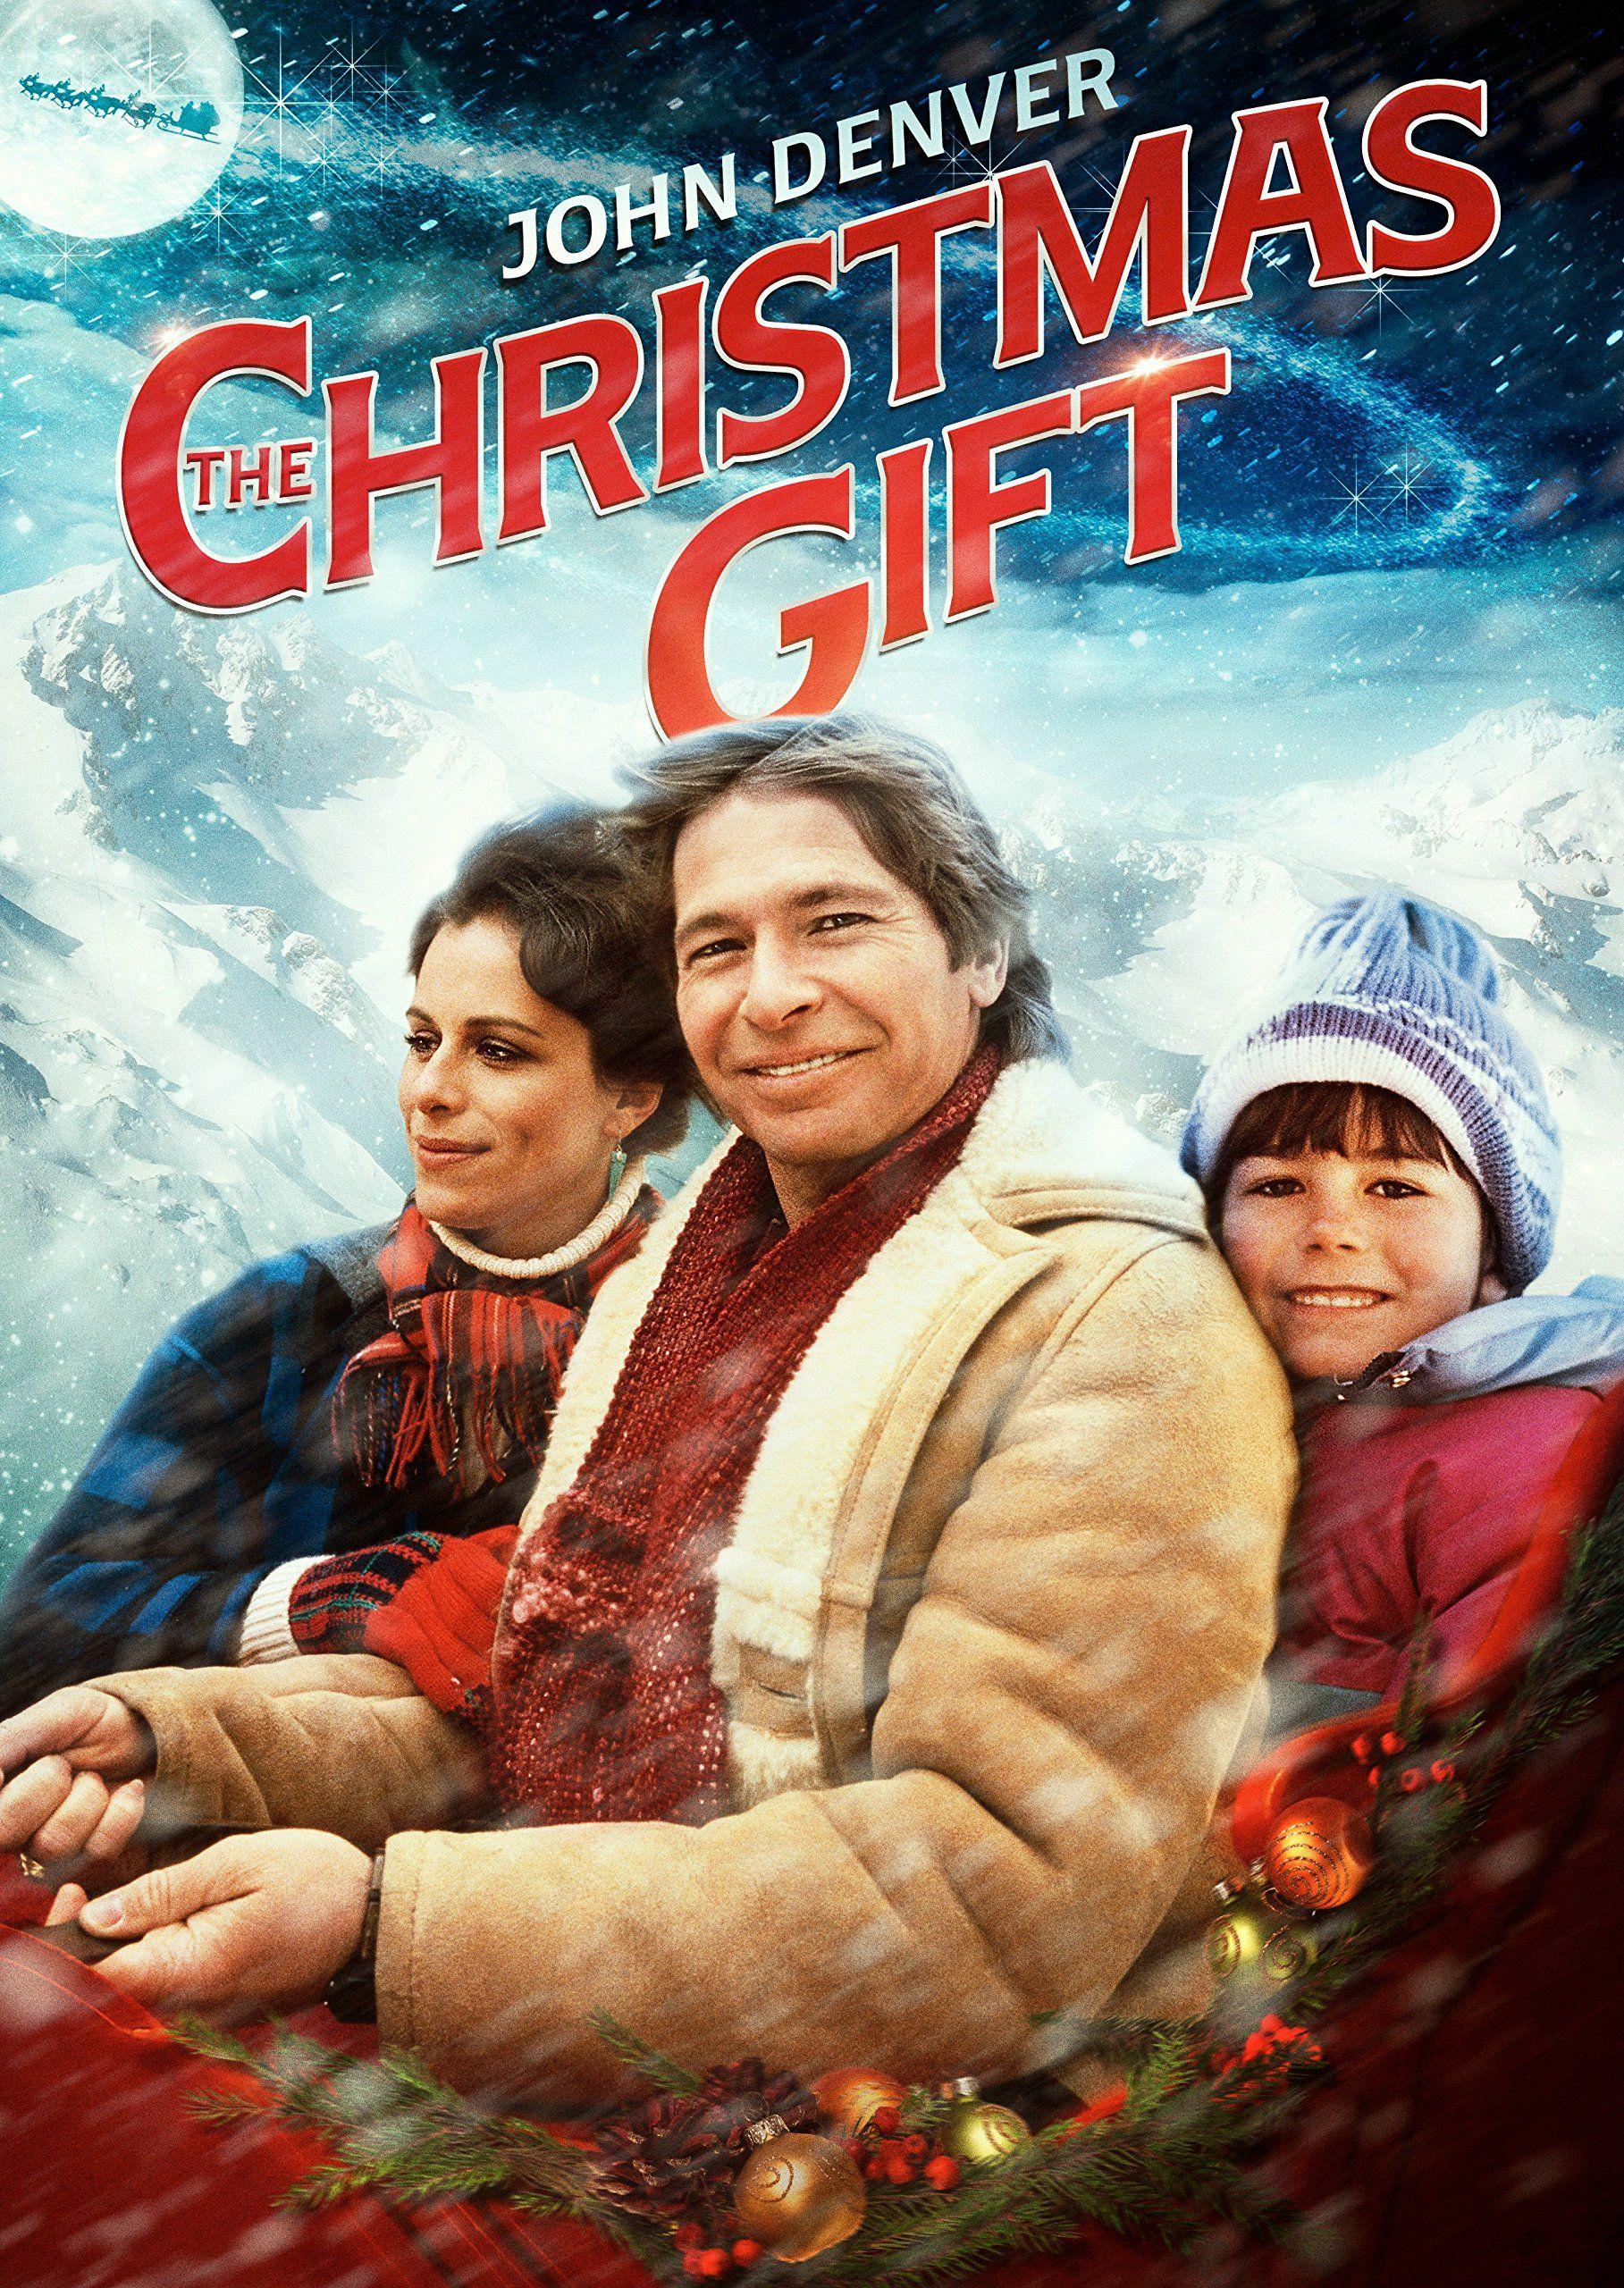 The Christmas Gift DVD | - CHRISTMAS | Video Collection ...